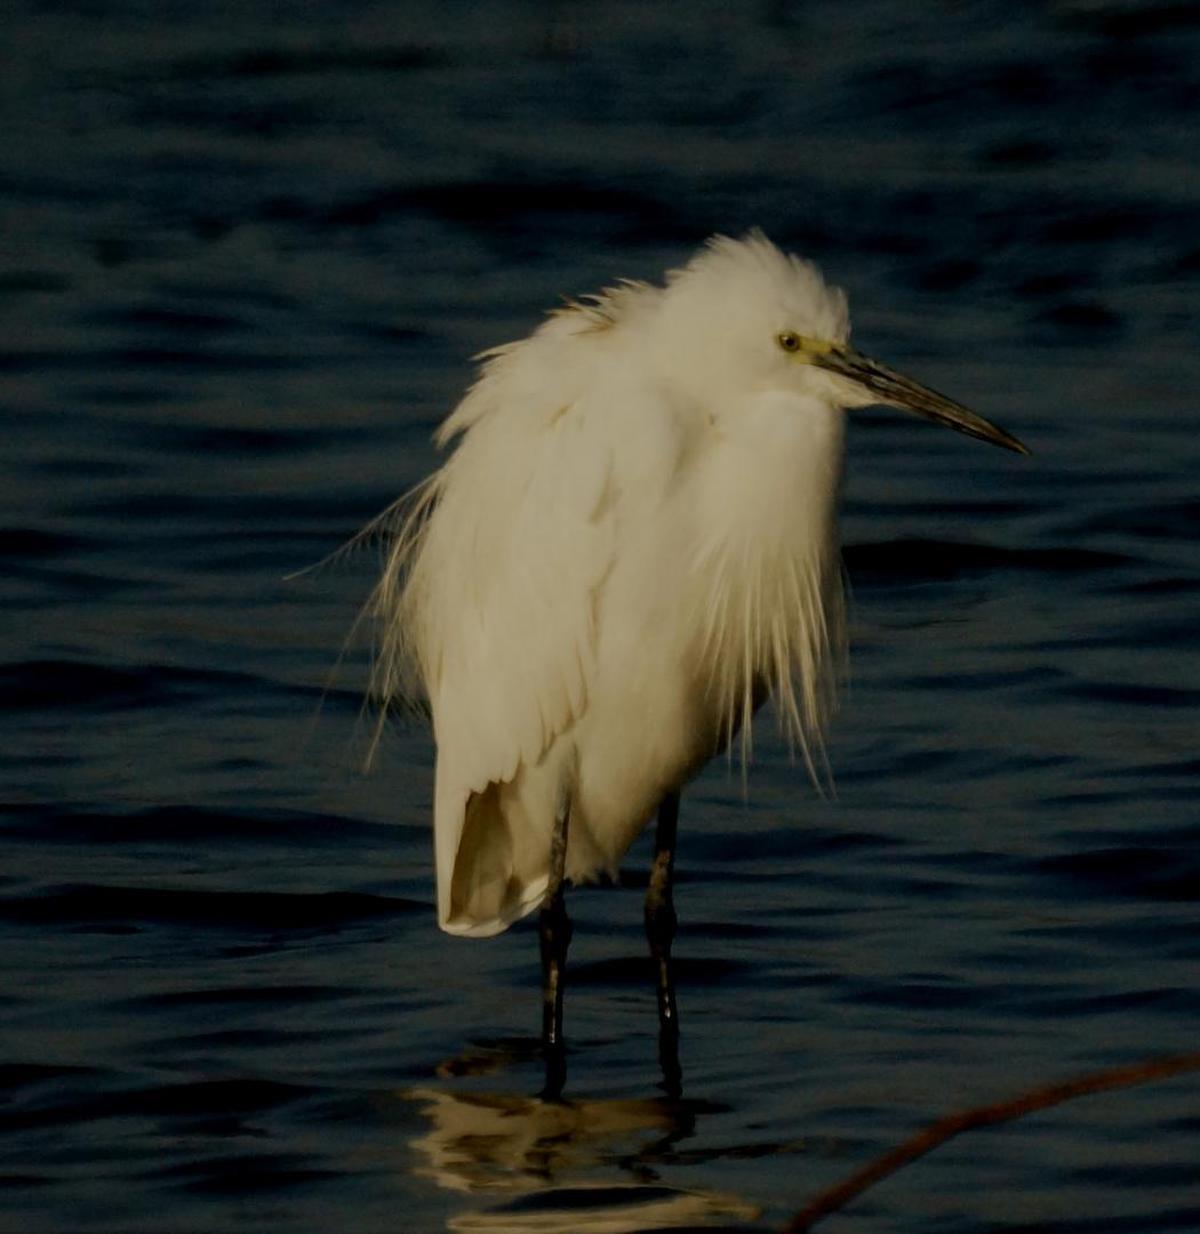 Image of Bird, Vertebrate, Beak, Snowy Egret, Egret, Feather etc.